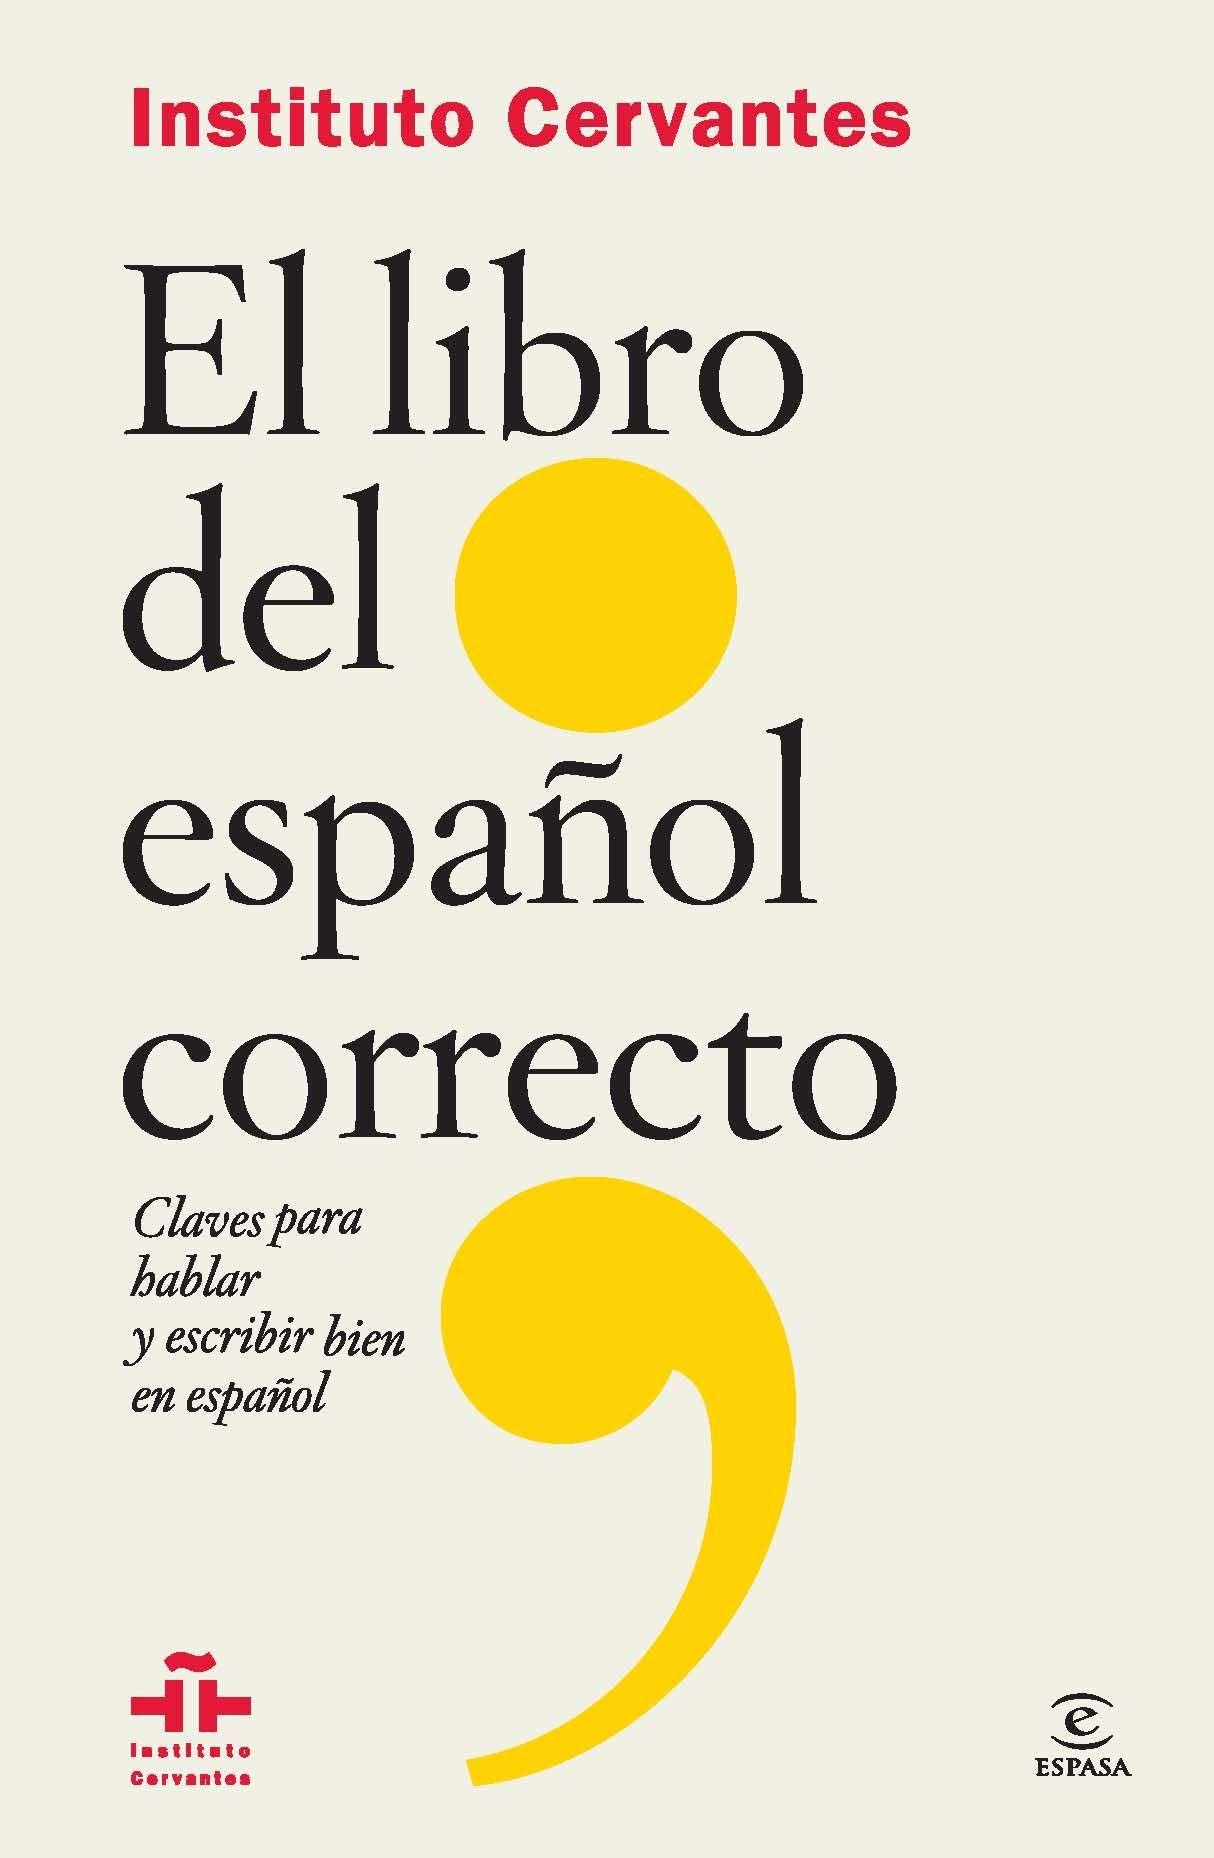 El Libro Del Español Correcto Descargar Libros Pdf Descargar Libros Pdf Libro De Español Libros En Espanol Aprender Español